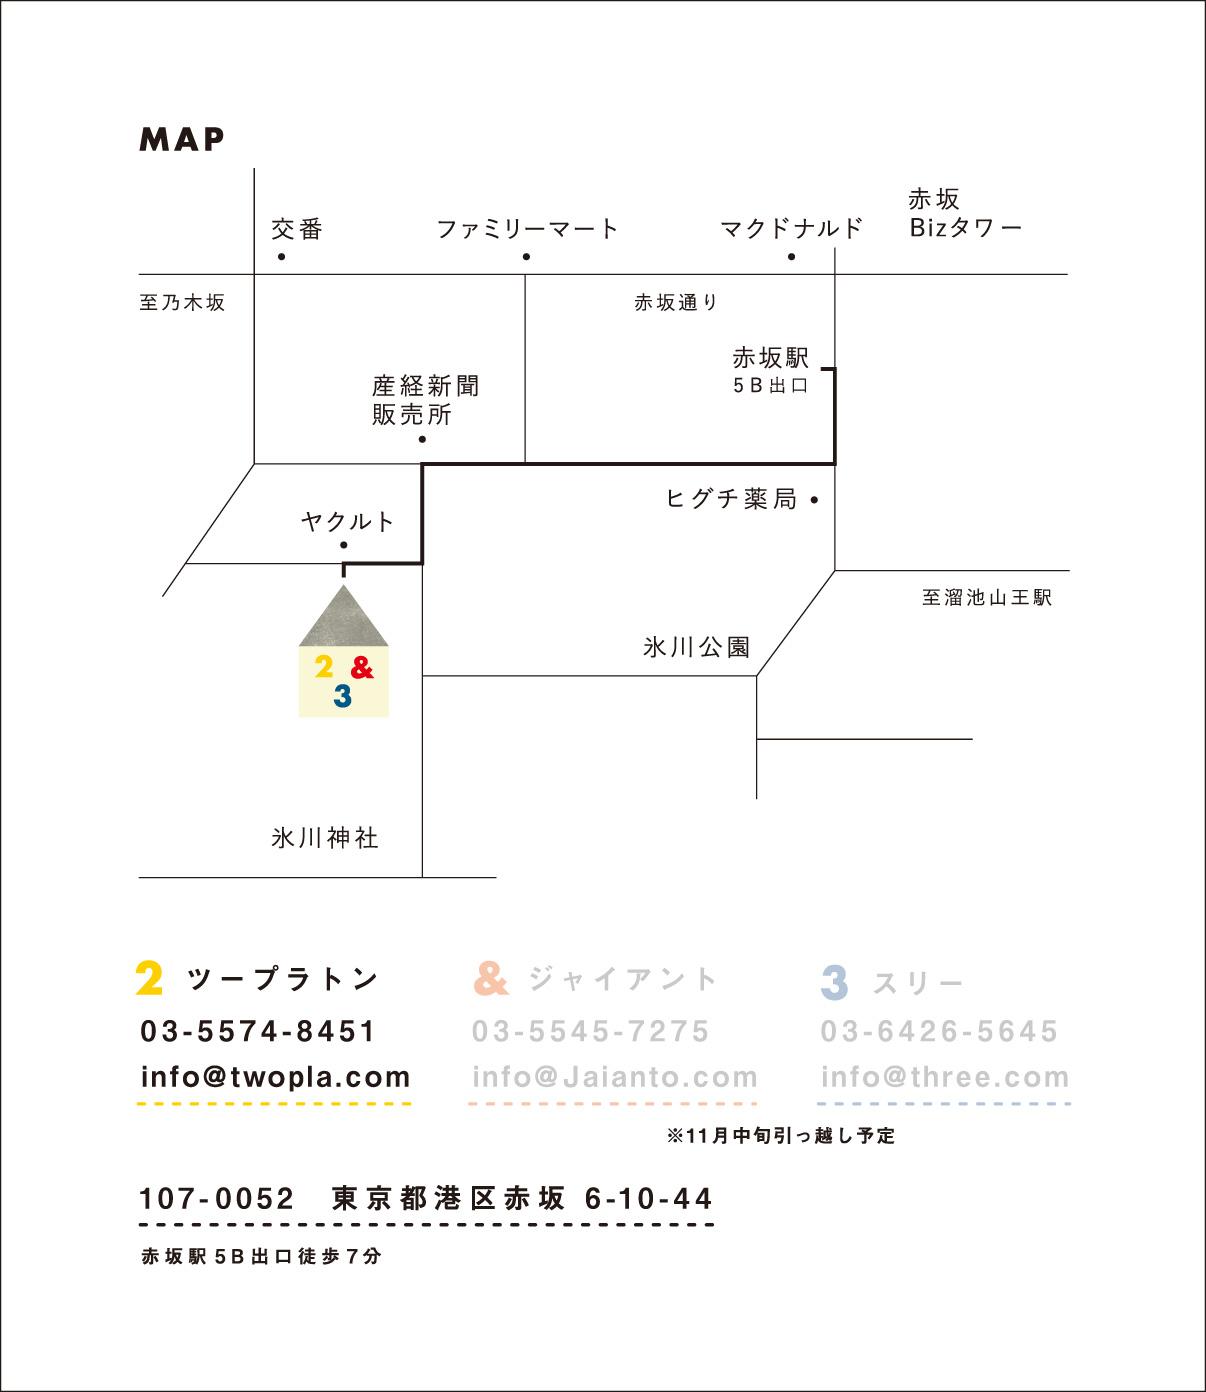 twopla_map